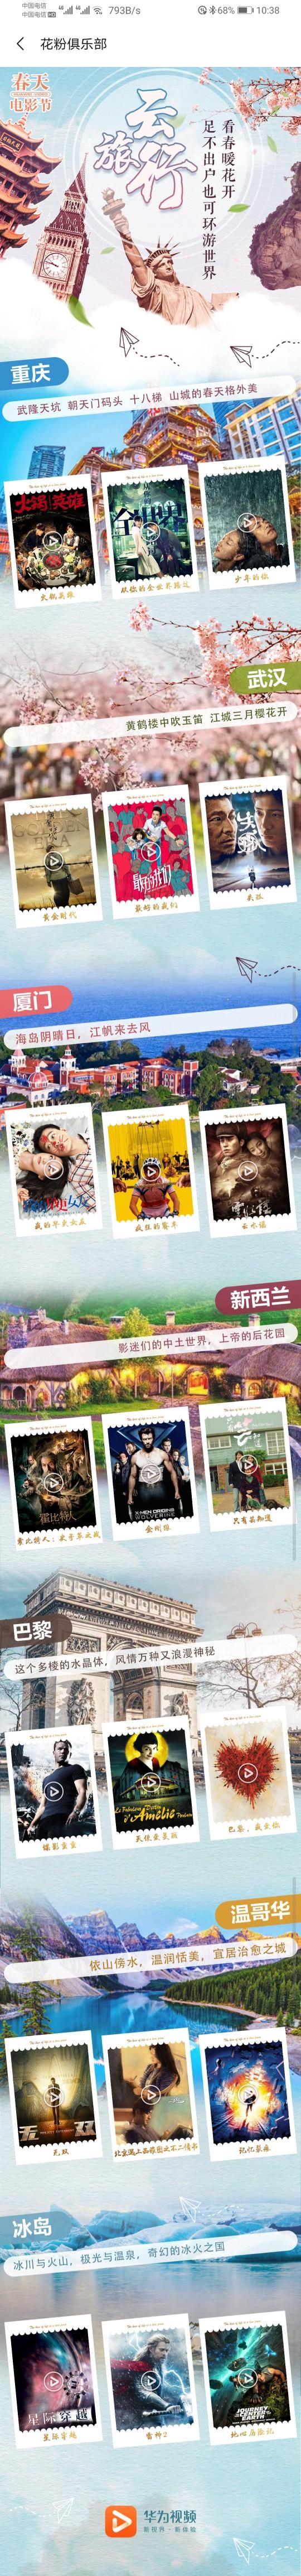 Screenshot_20200318_103848_com.huawei.fans.jpg